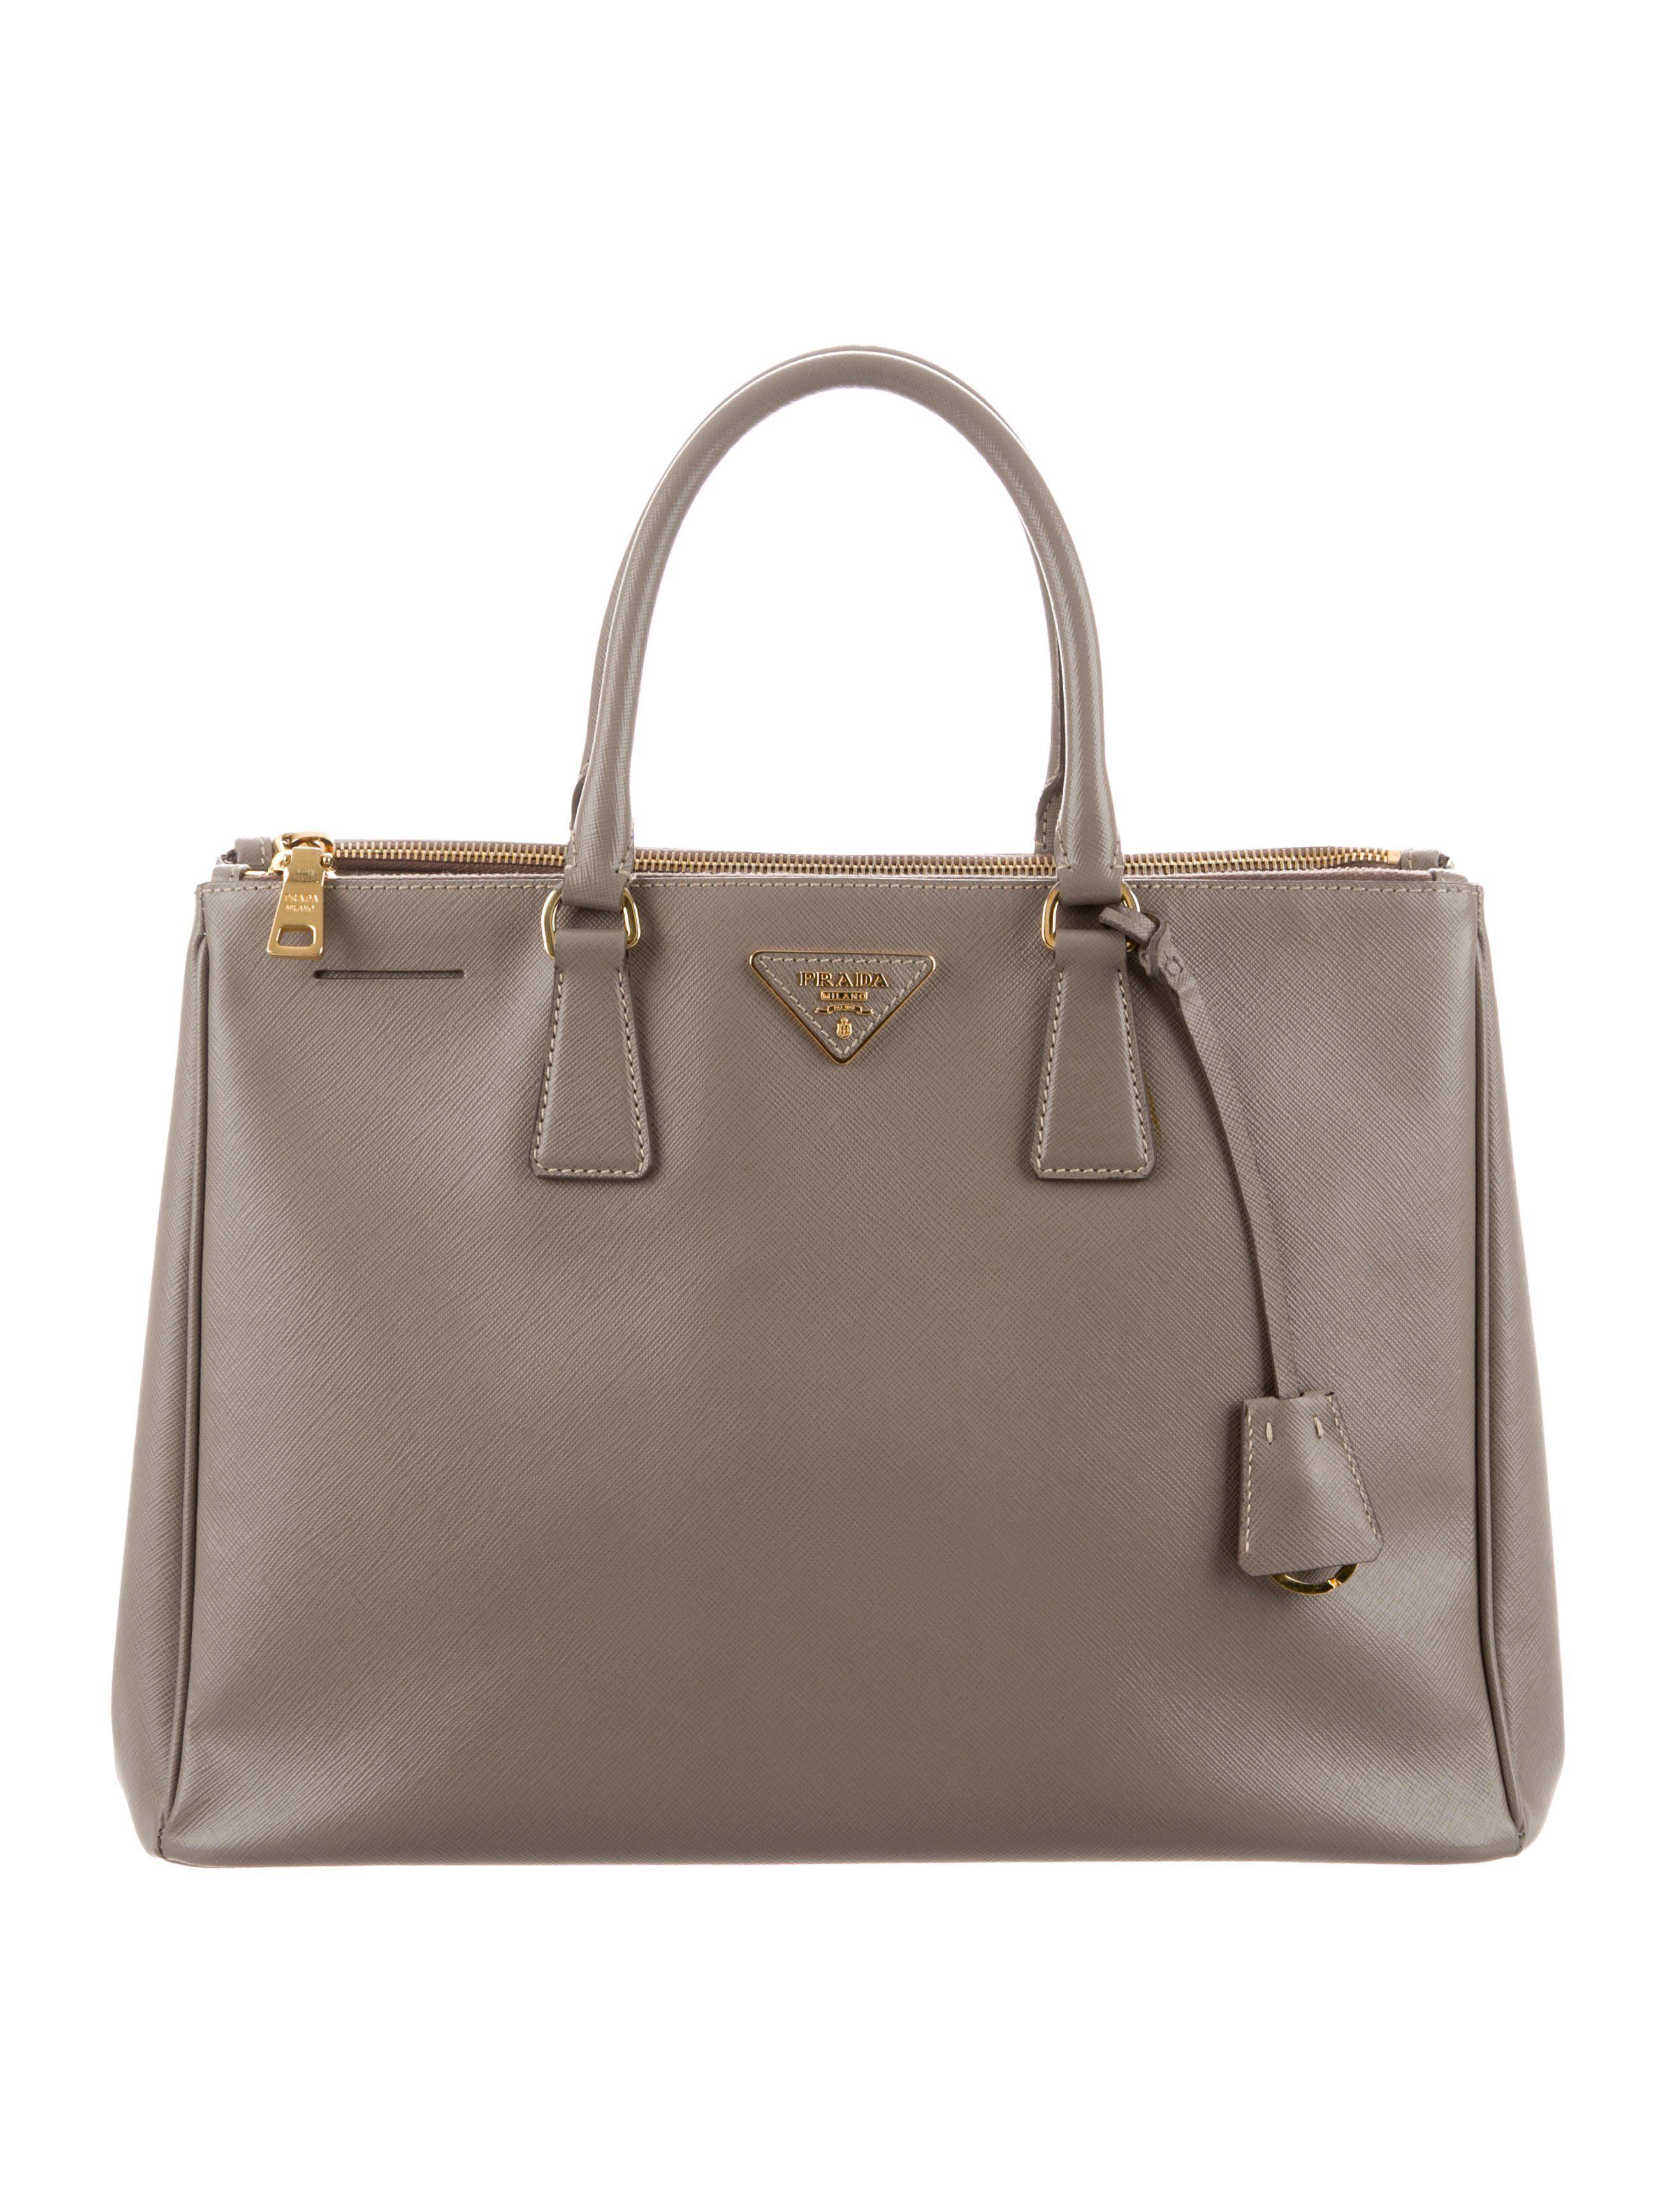 9969842a3429 Granito Saffiano leather Prada Saffiano Lux Large Galleria Double Zip Tote  with gold-tone hardware